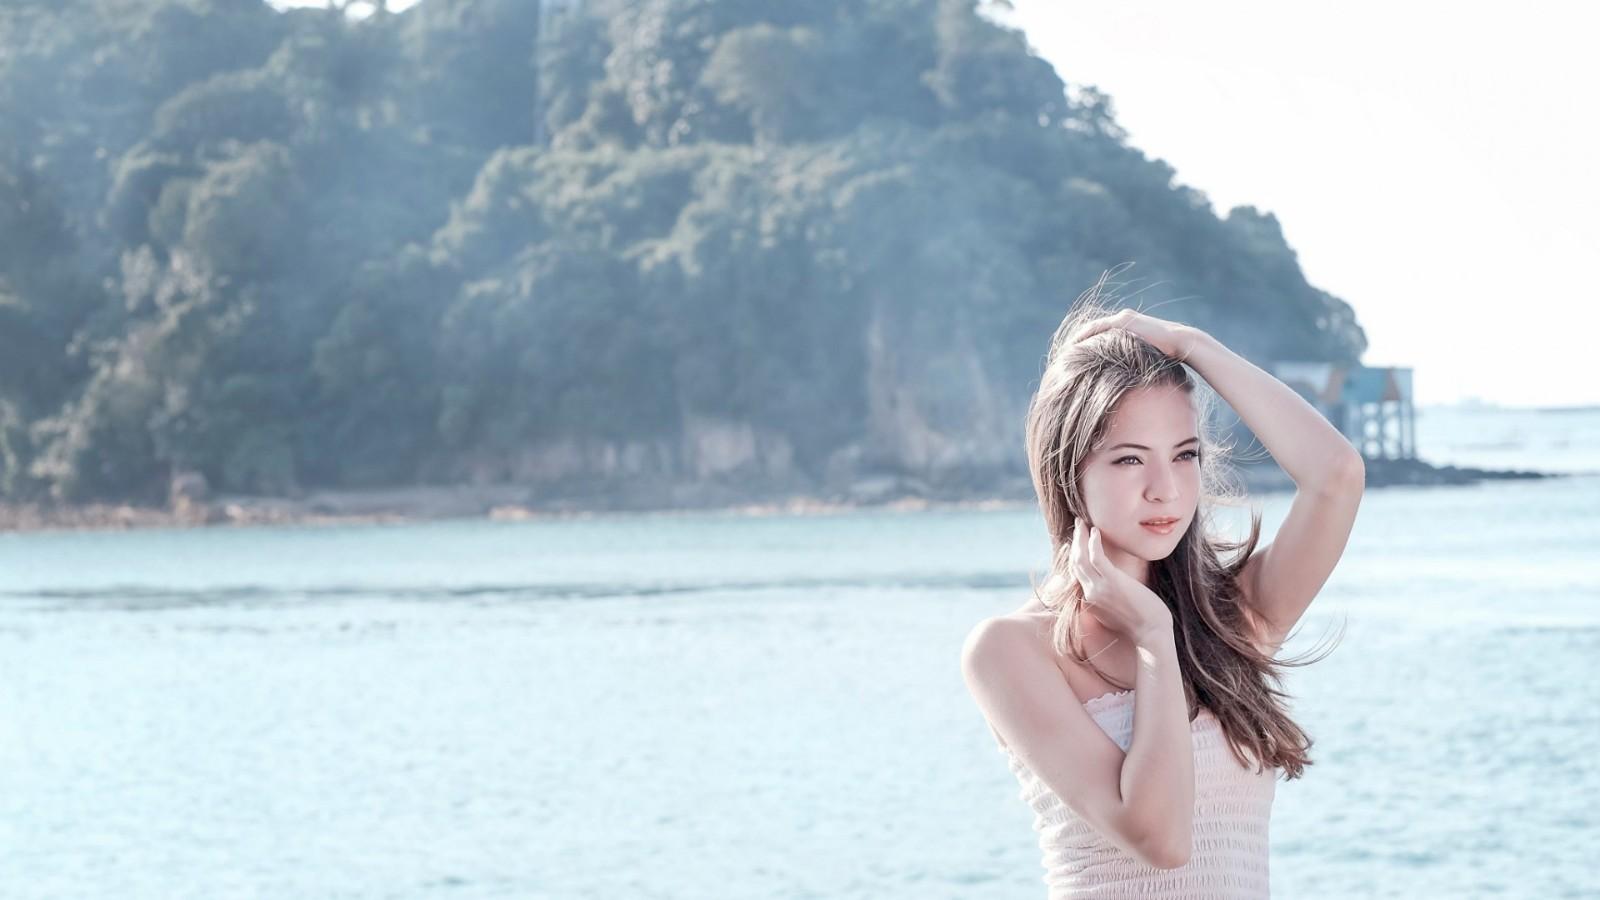 漂亮女孩,海边风景,长头发,美丽的眼睛,壁纸